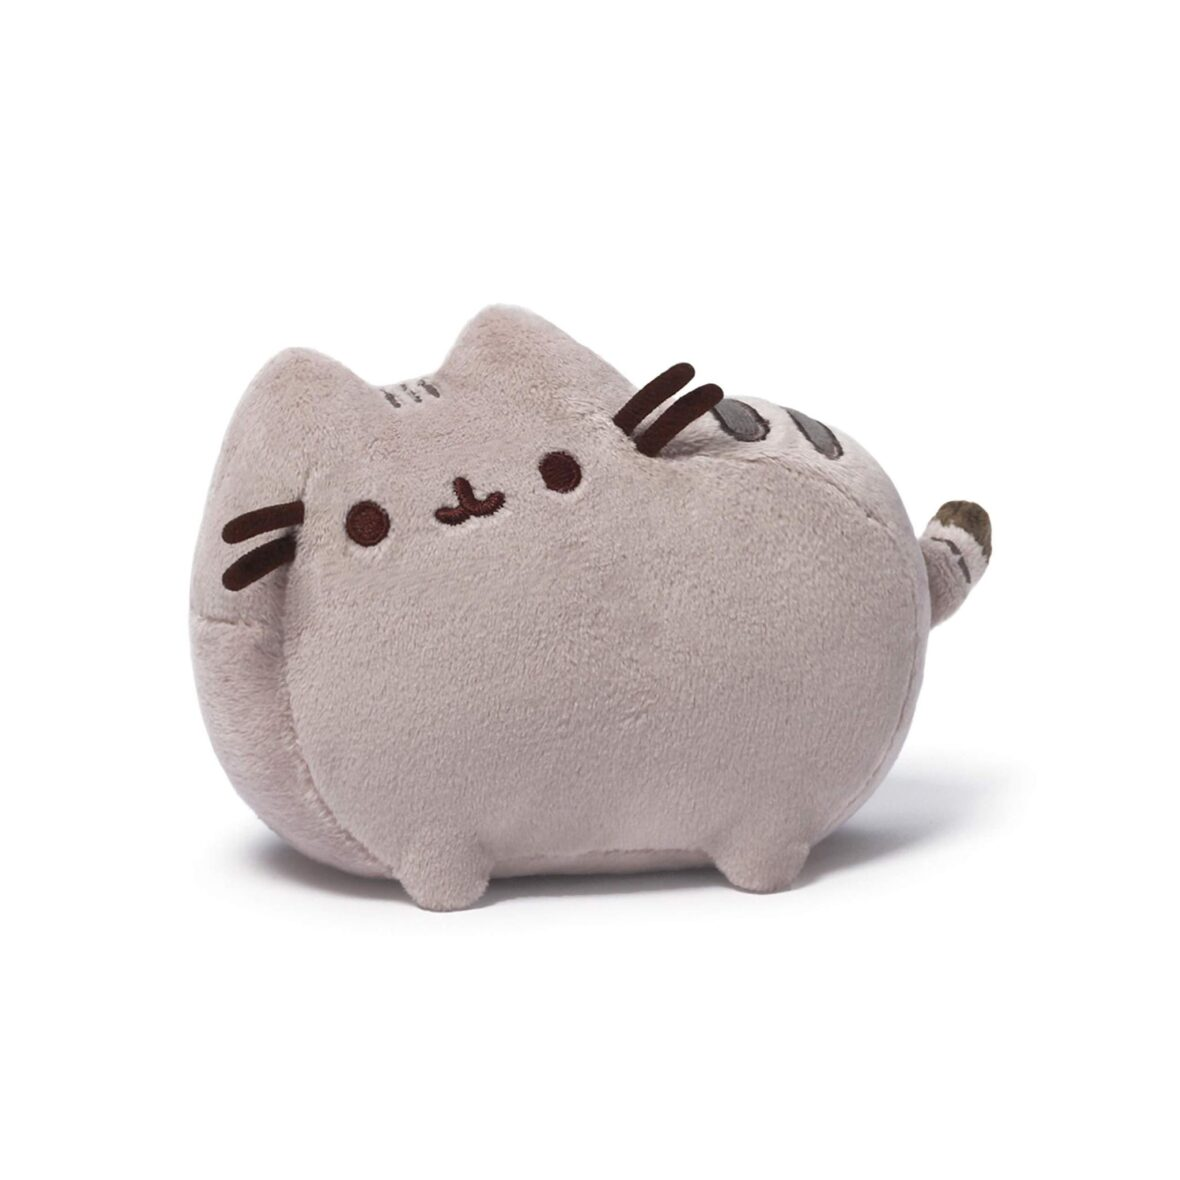 Plus Pisicuta Pusheen 15cm